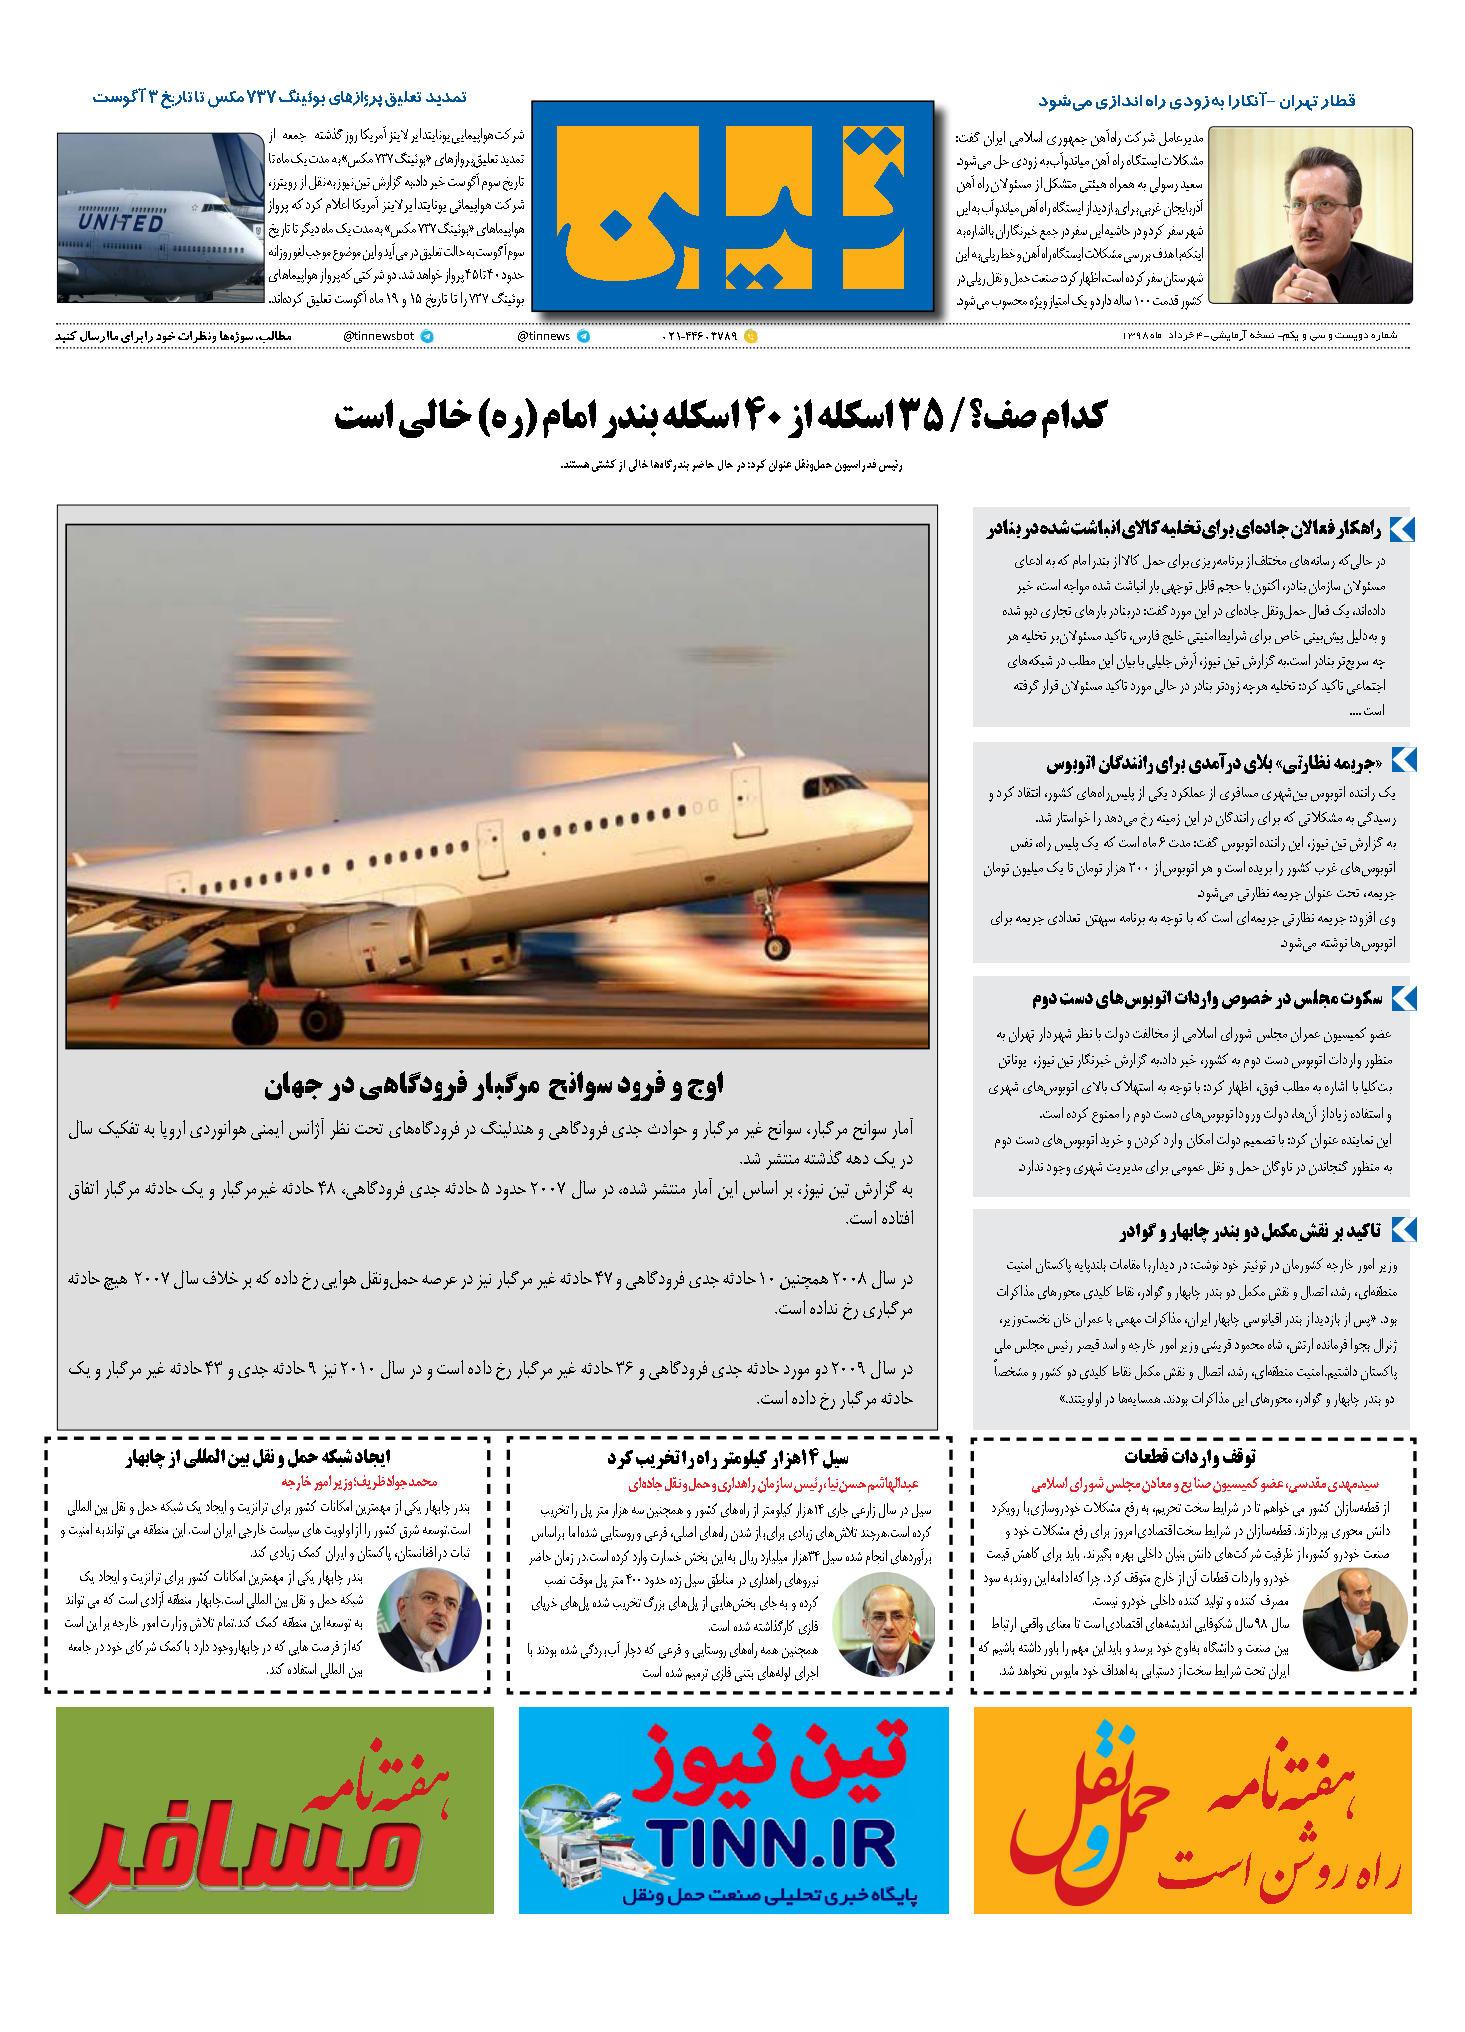 روزنامه الکترونیک 4 خرداد ماه 98